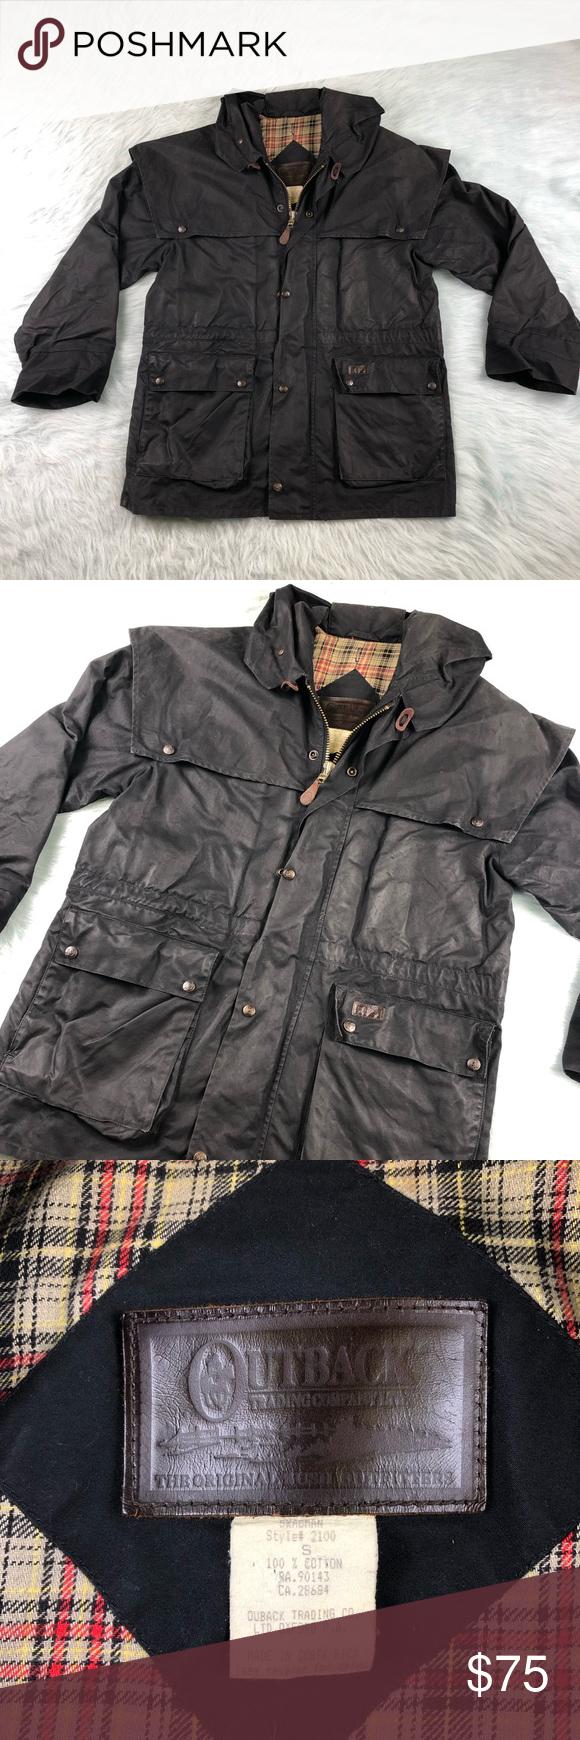 Outback Oilskin waxed swagman duster jacket Men's Duster